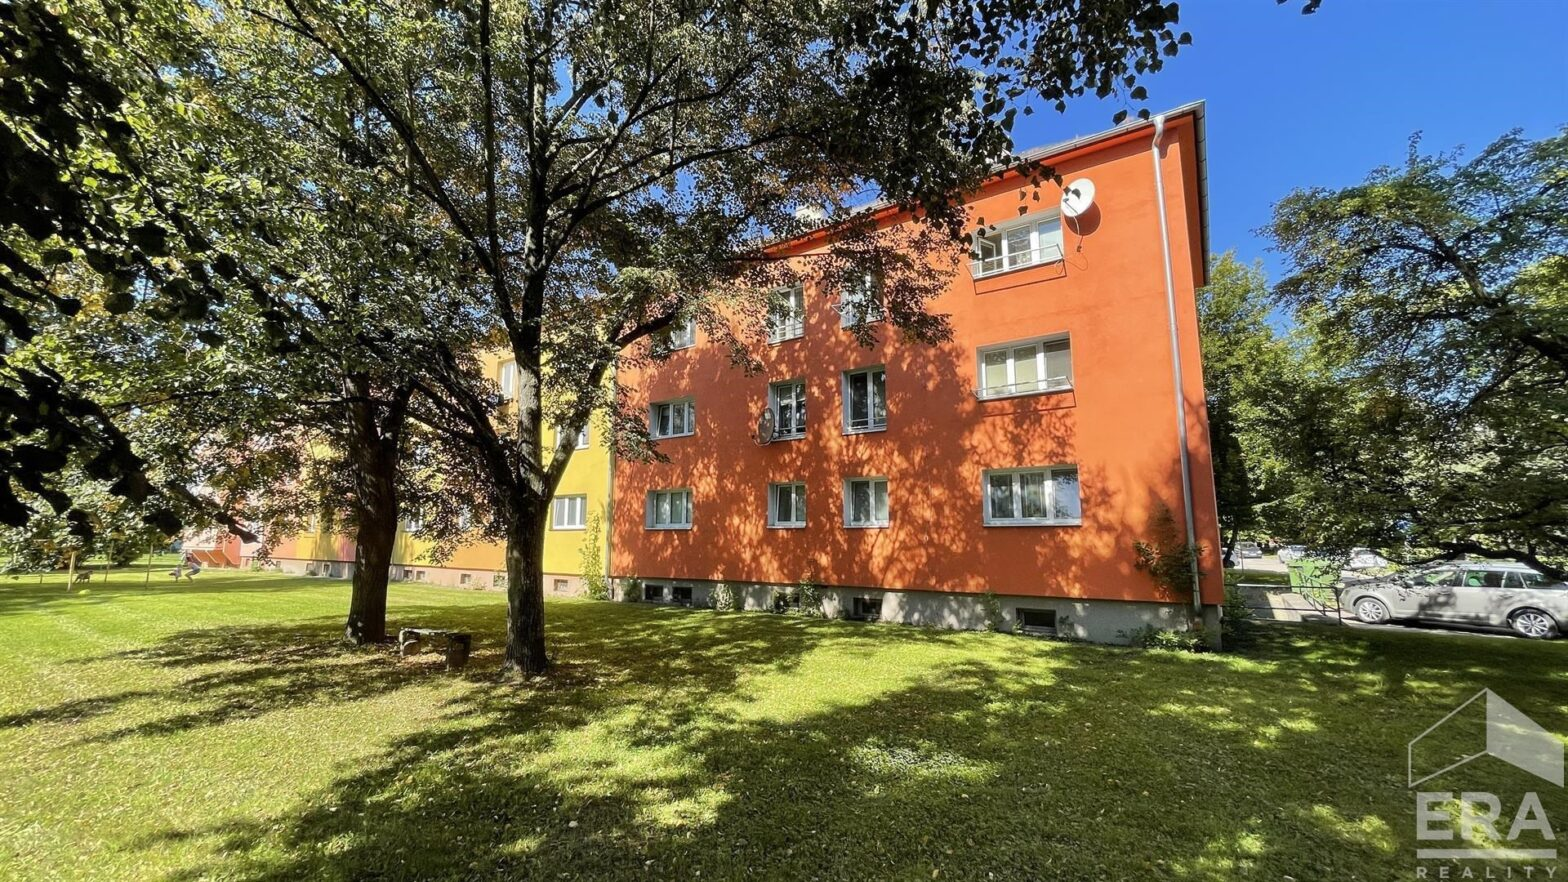 Prodej bytu 2+1 v osobním vlastnictví, Ostrava